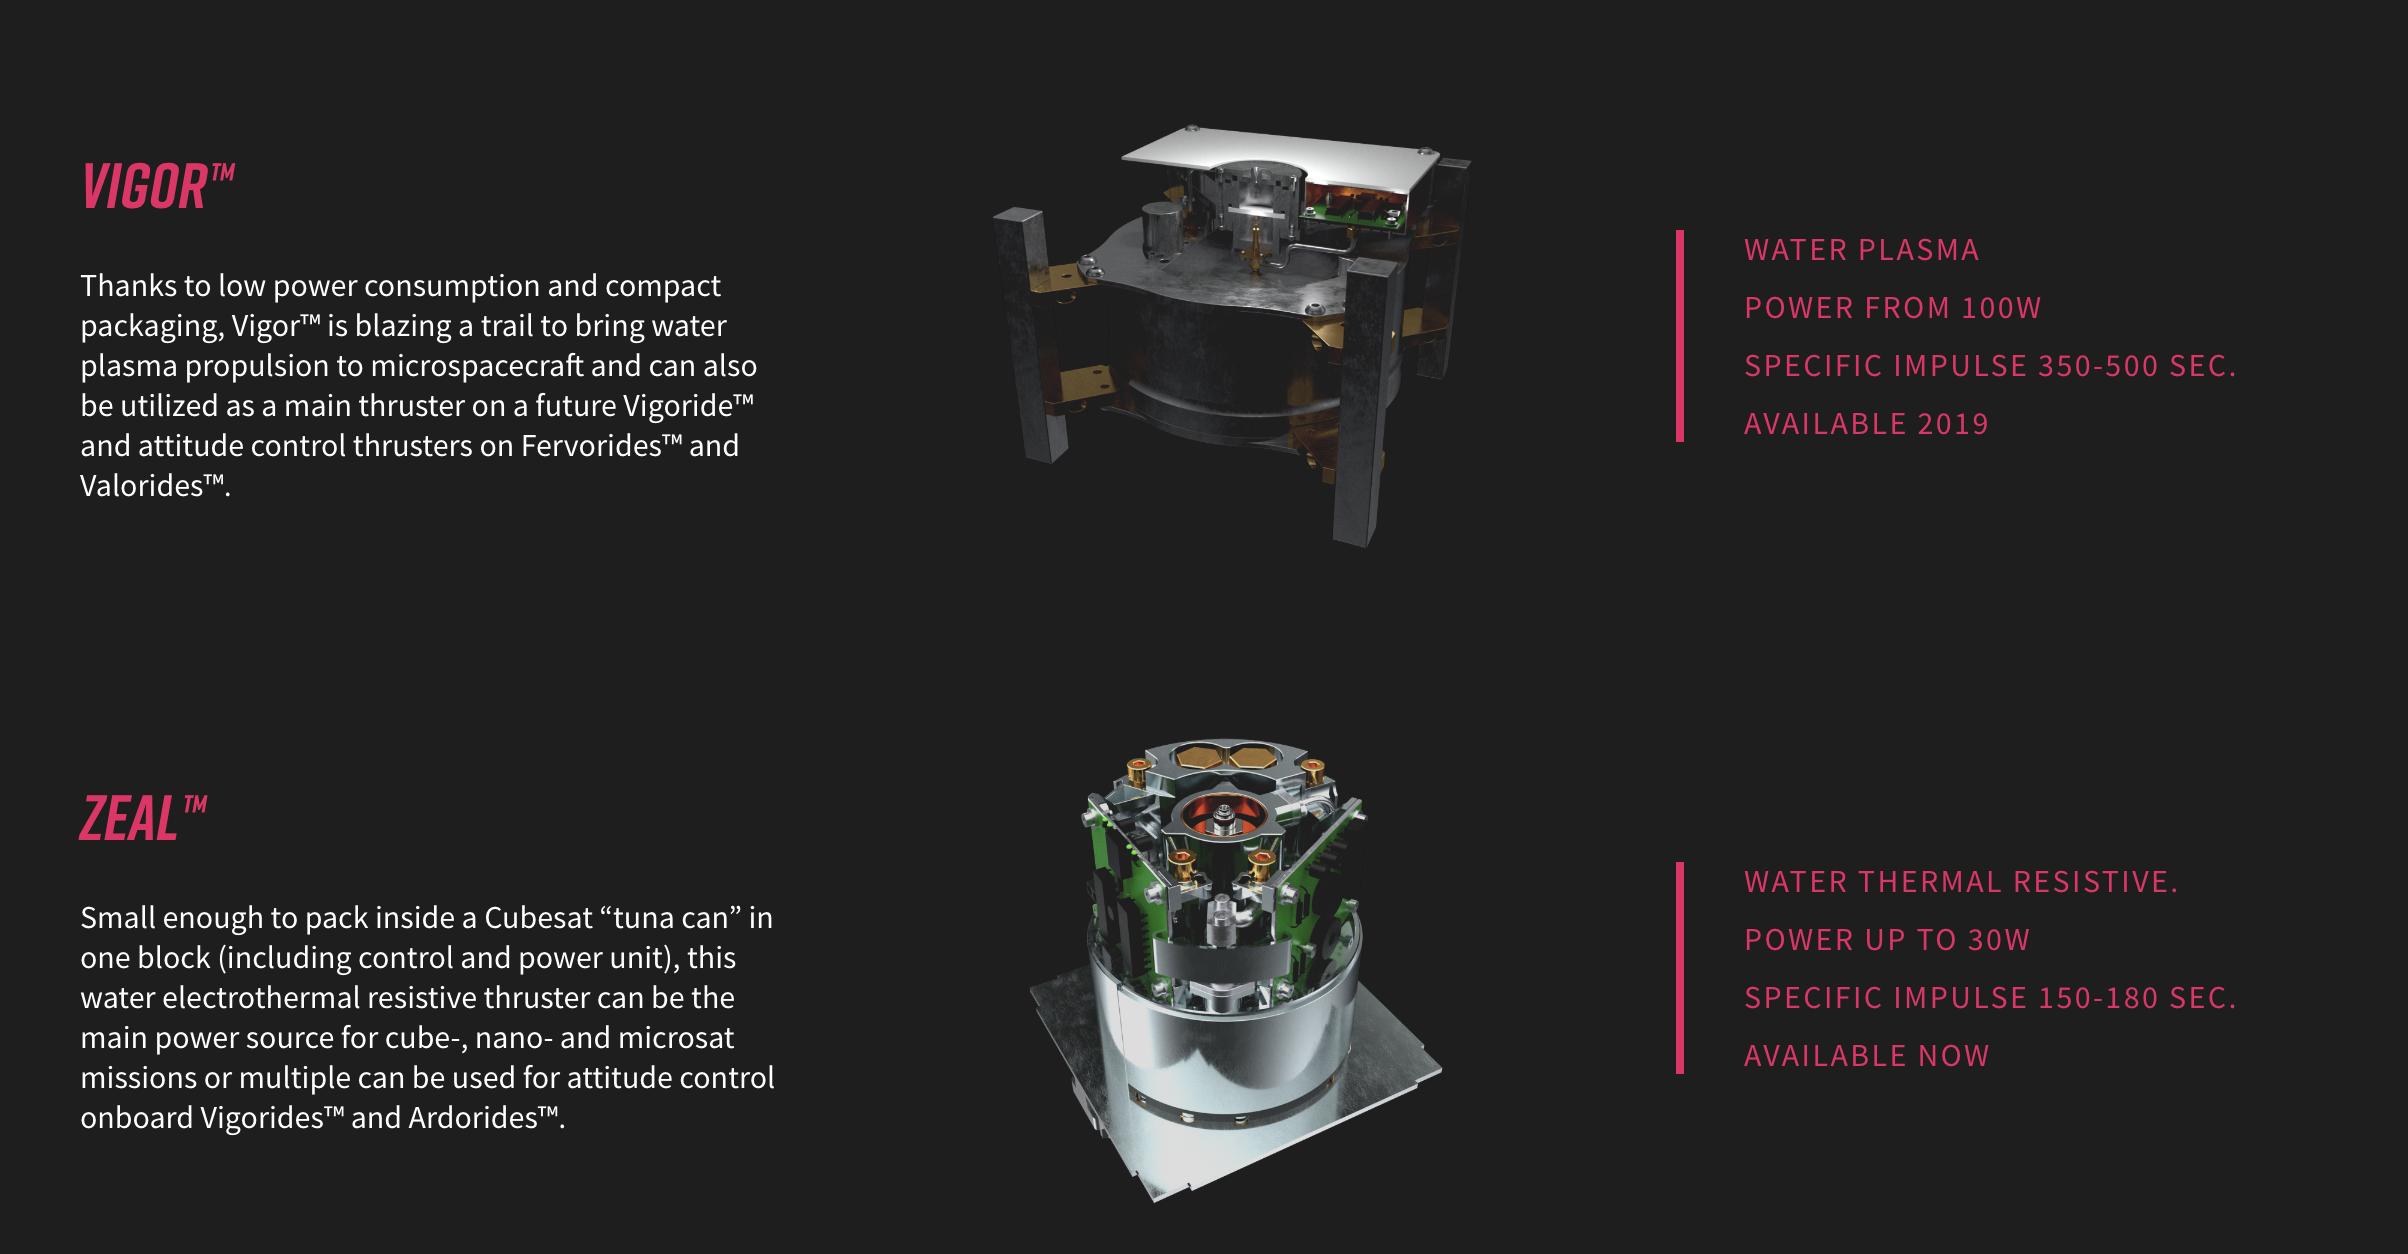 Создан космический двигатель на воде